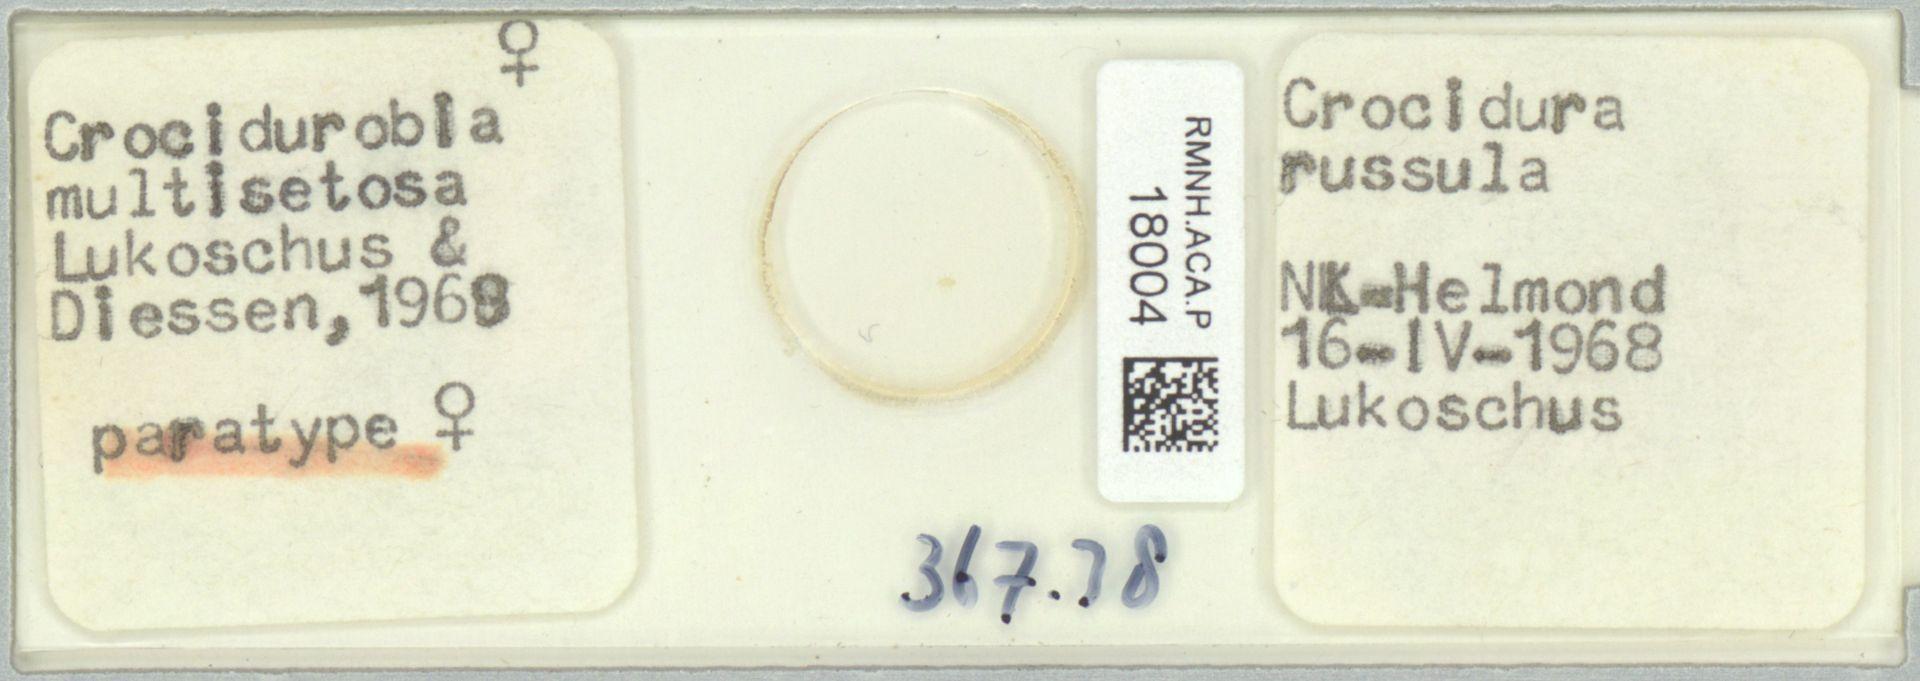 RMNH.ACA.P.18004 | Crocidurobia multisetosa (Lukoschus & Driessen, 1969)